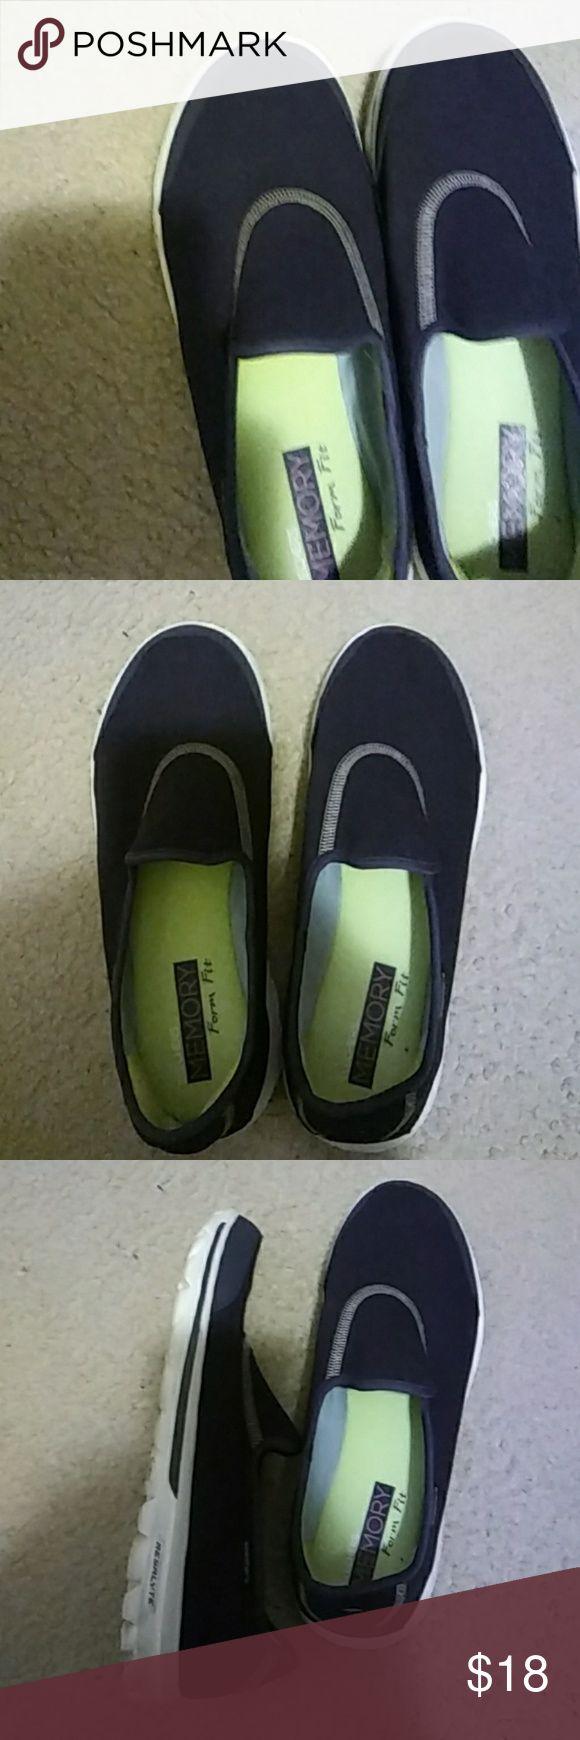 Skechers Blue skechers slip on shoes Skechers Shoes Sneakers